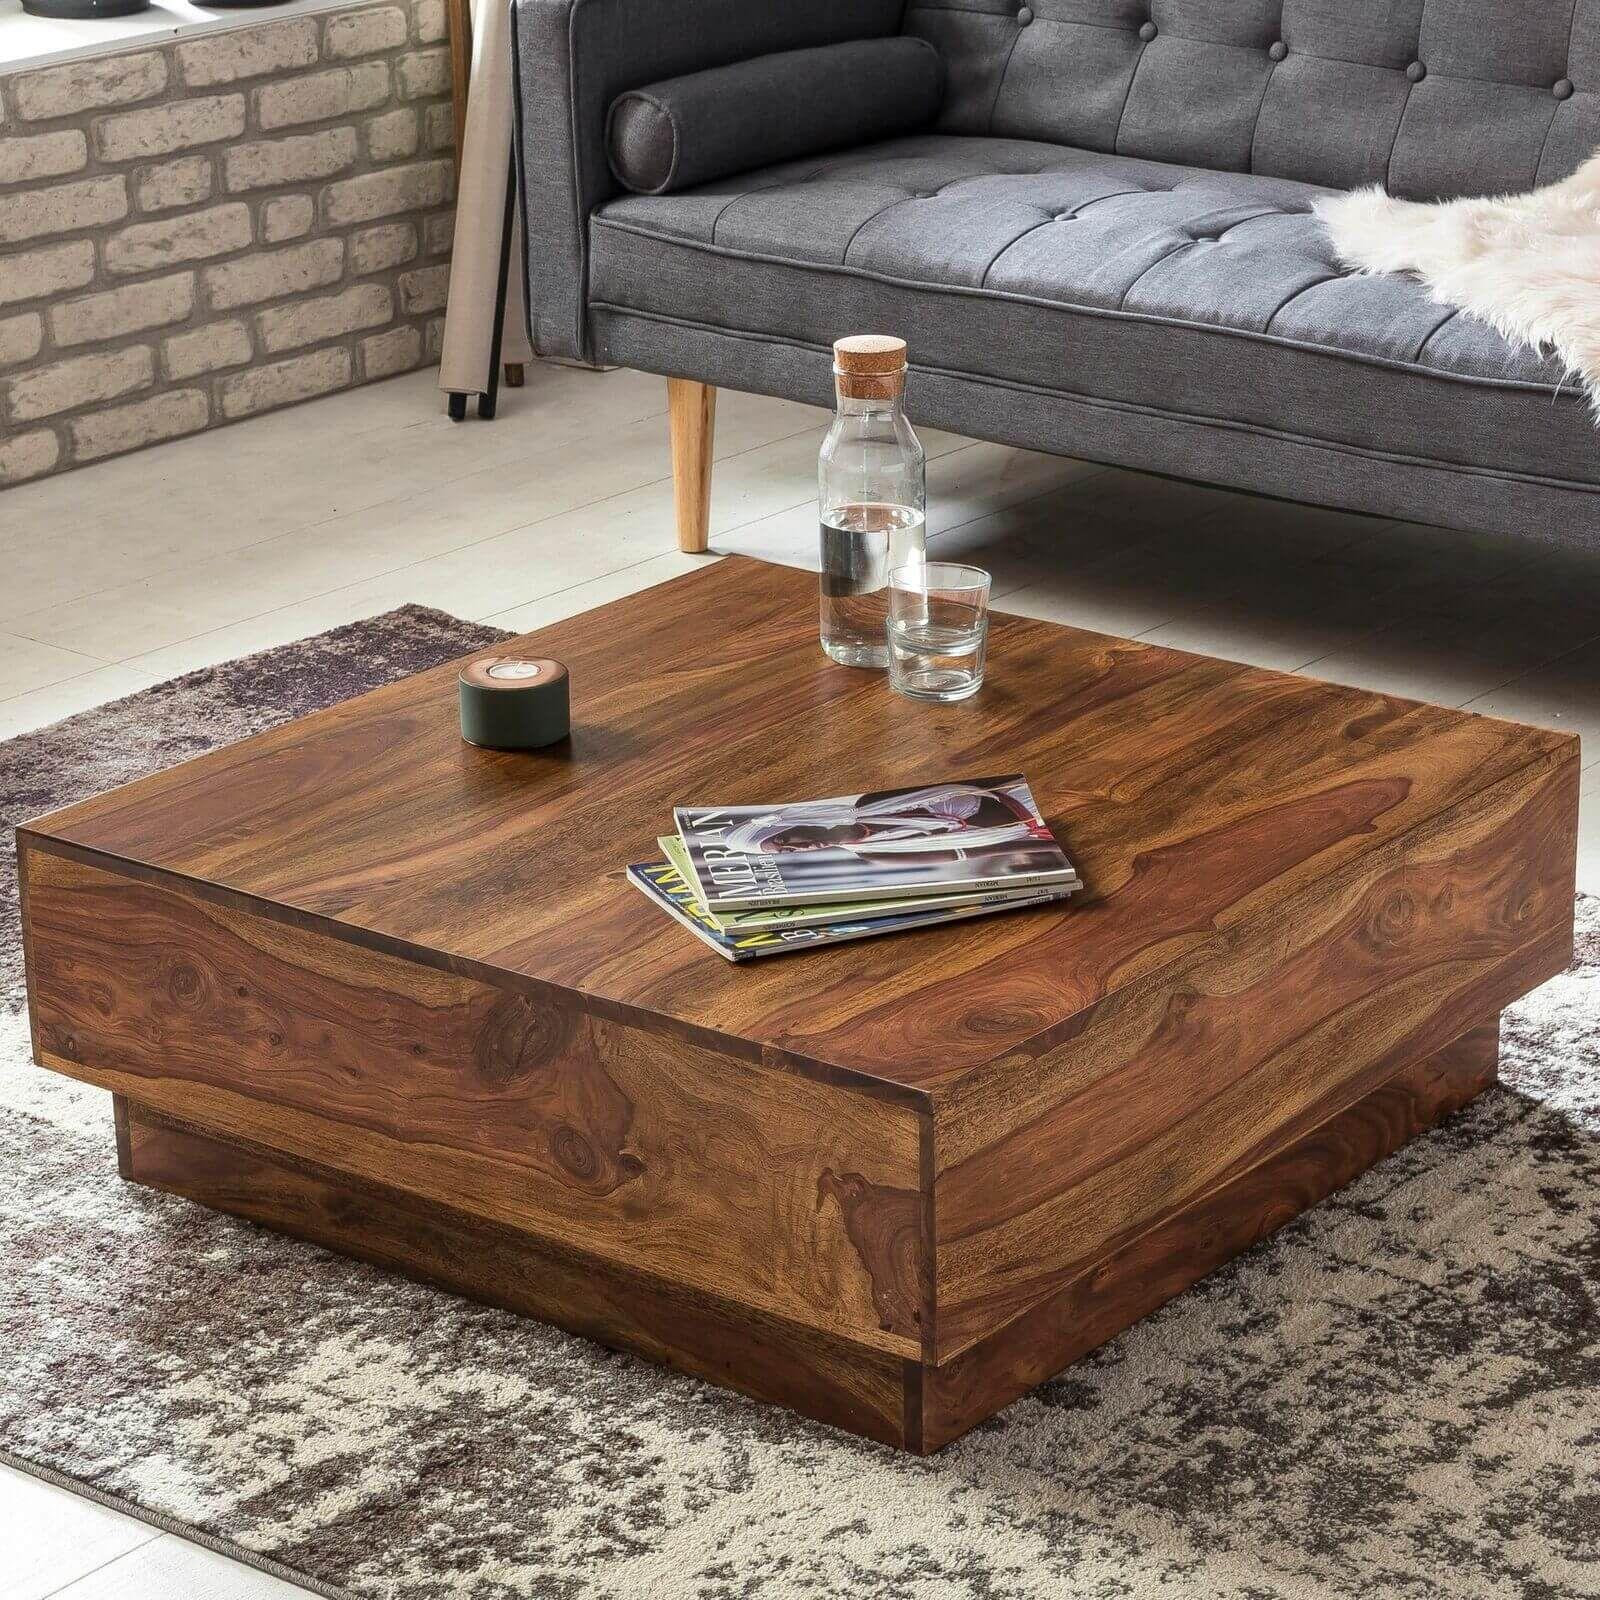 Finebuy Couchtisch Massiv Wohnzimmertisch Sheesham 90cm Holz Tisch Beistelltisch Wohnzimmertisch Holz Com Couchtisch Holz Coole Couchtische Couchtisch Palette